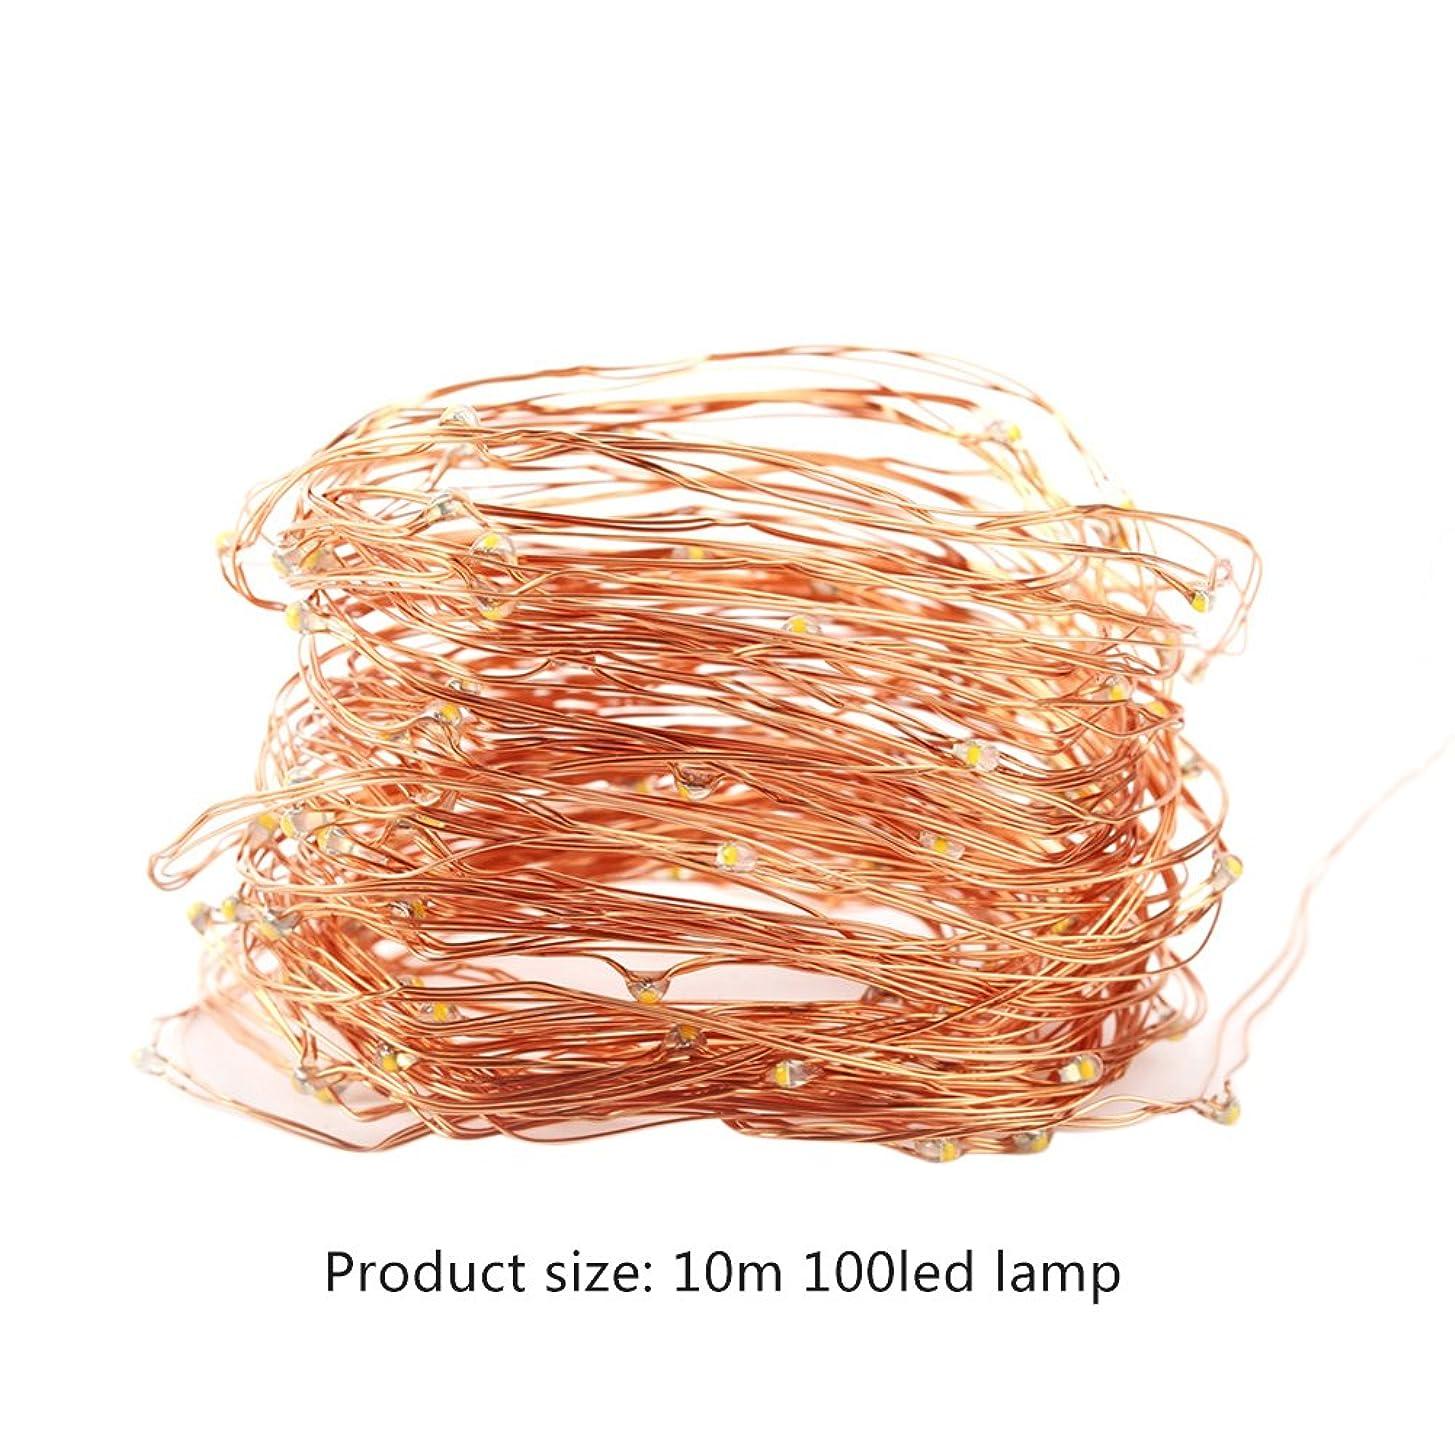 きらきらリンス楕円形Wholehot LEDイルミネーションライト USB式 10m100 LED ledストリングライト 銅線ワイヤーライト クリスマスツリー デコレーションライト クリスマス 新年 結婚式 誕生日 祝日 パーティー 店舗 部屋飾り 屋内屋外用 (電球色)